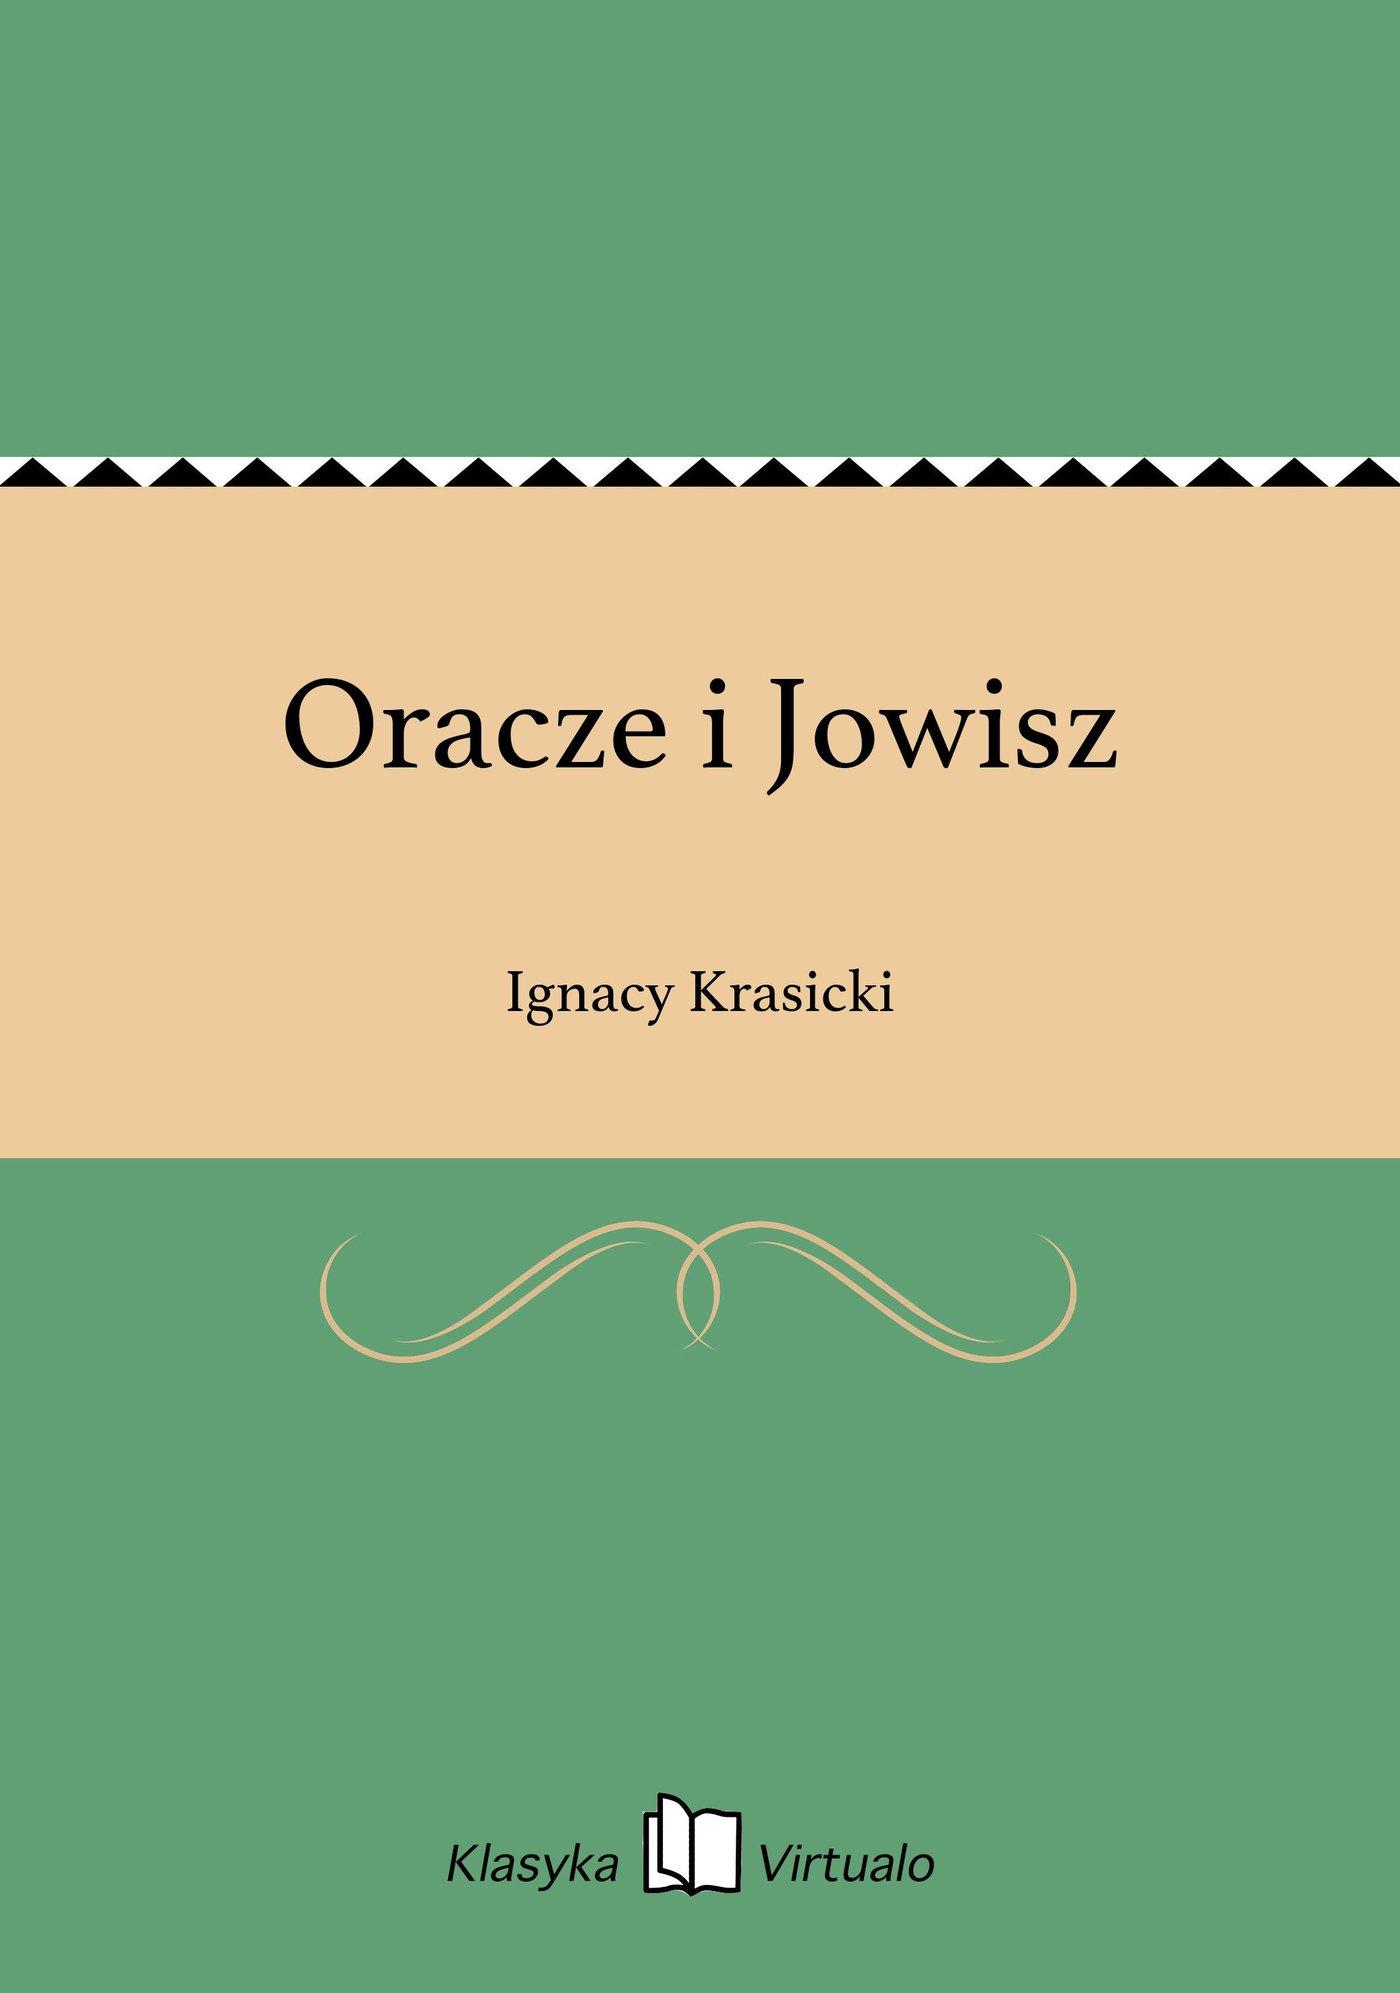 Oracze i Jowisz - Ebook (Książka EPUB) do pobrania w formacie EPUB